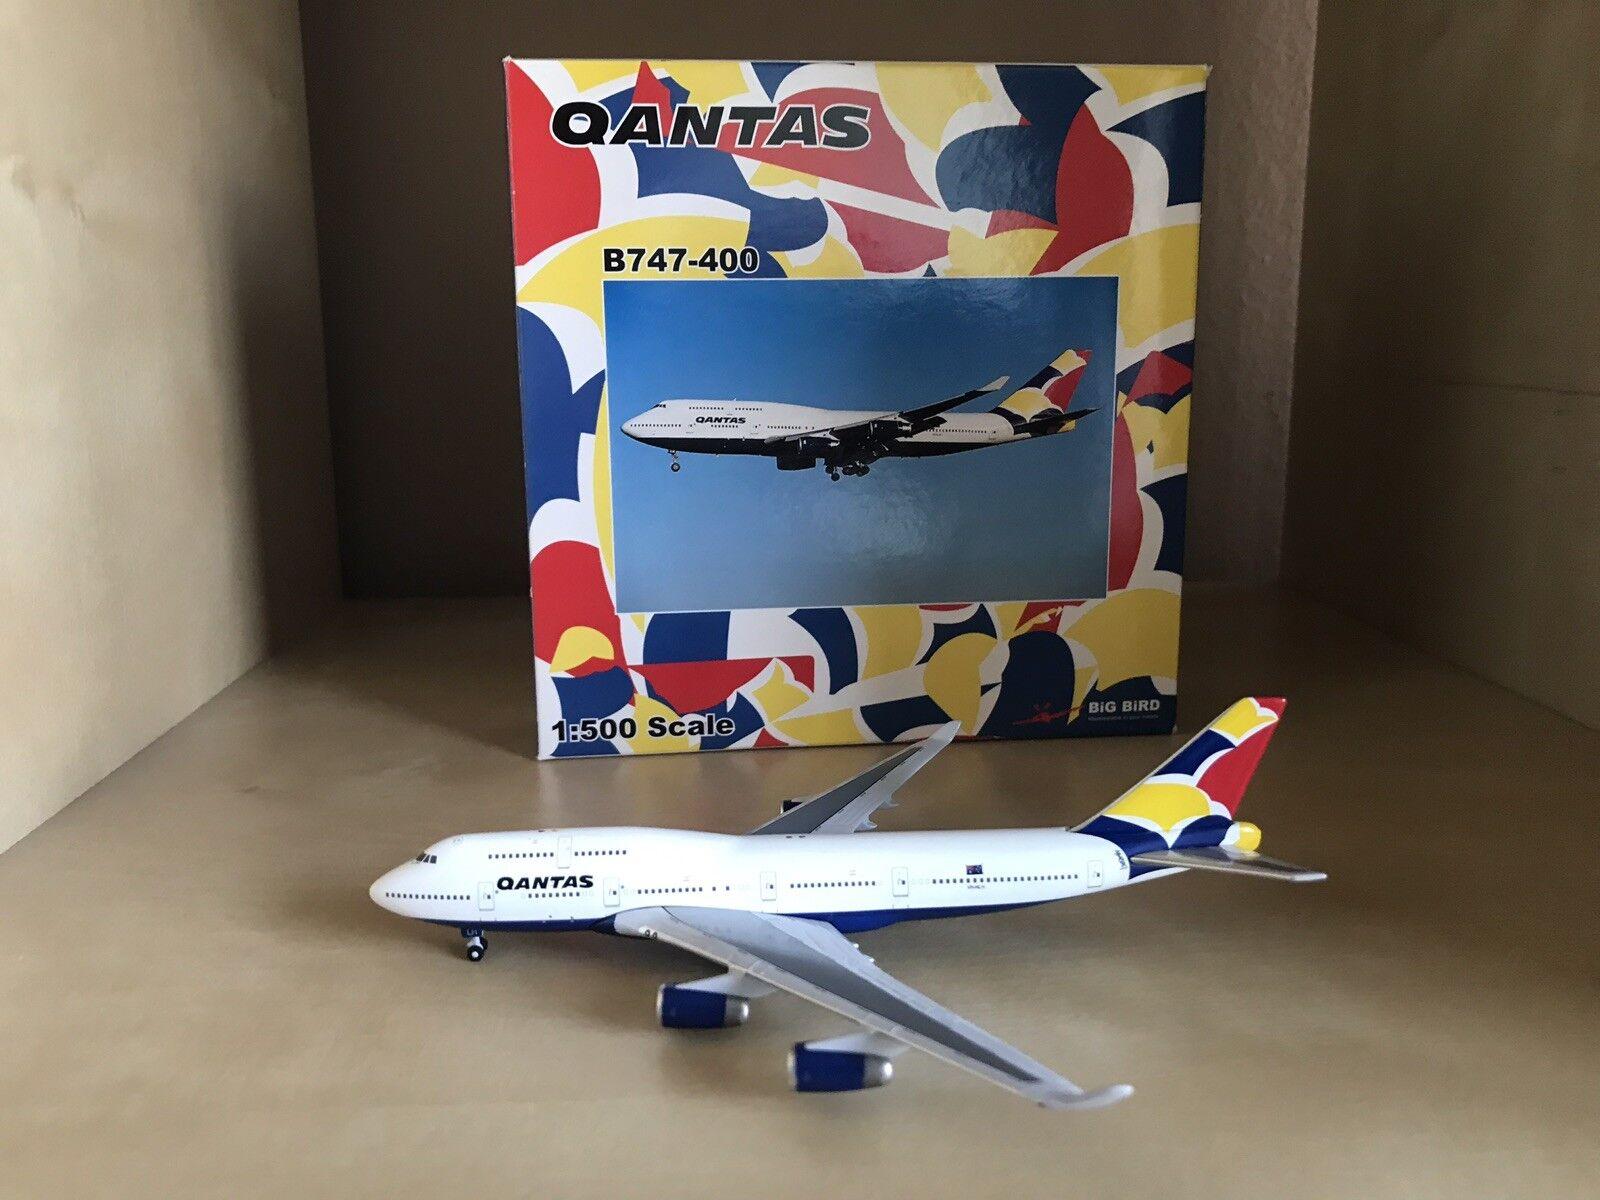 Qantas Boeing 747-400 1 500 Scale Model By Big Bird